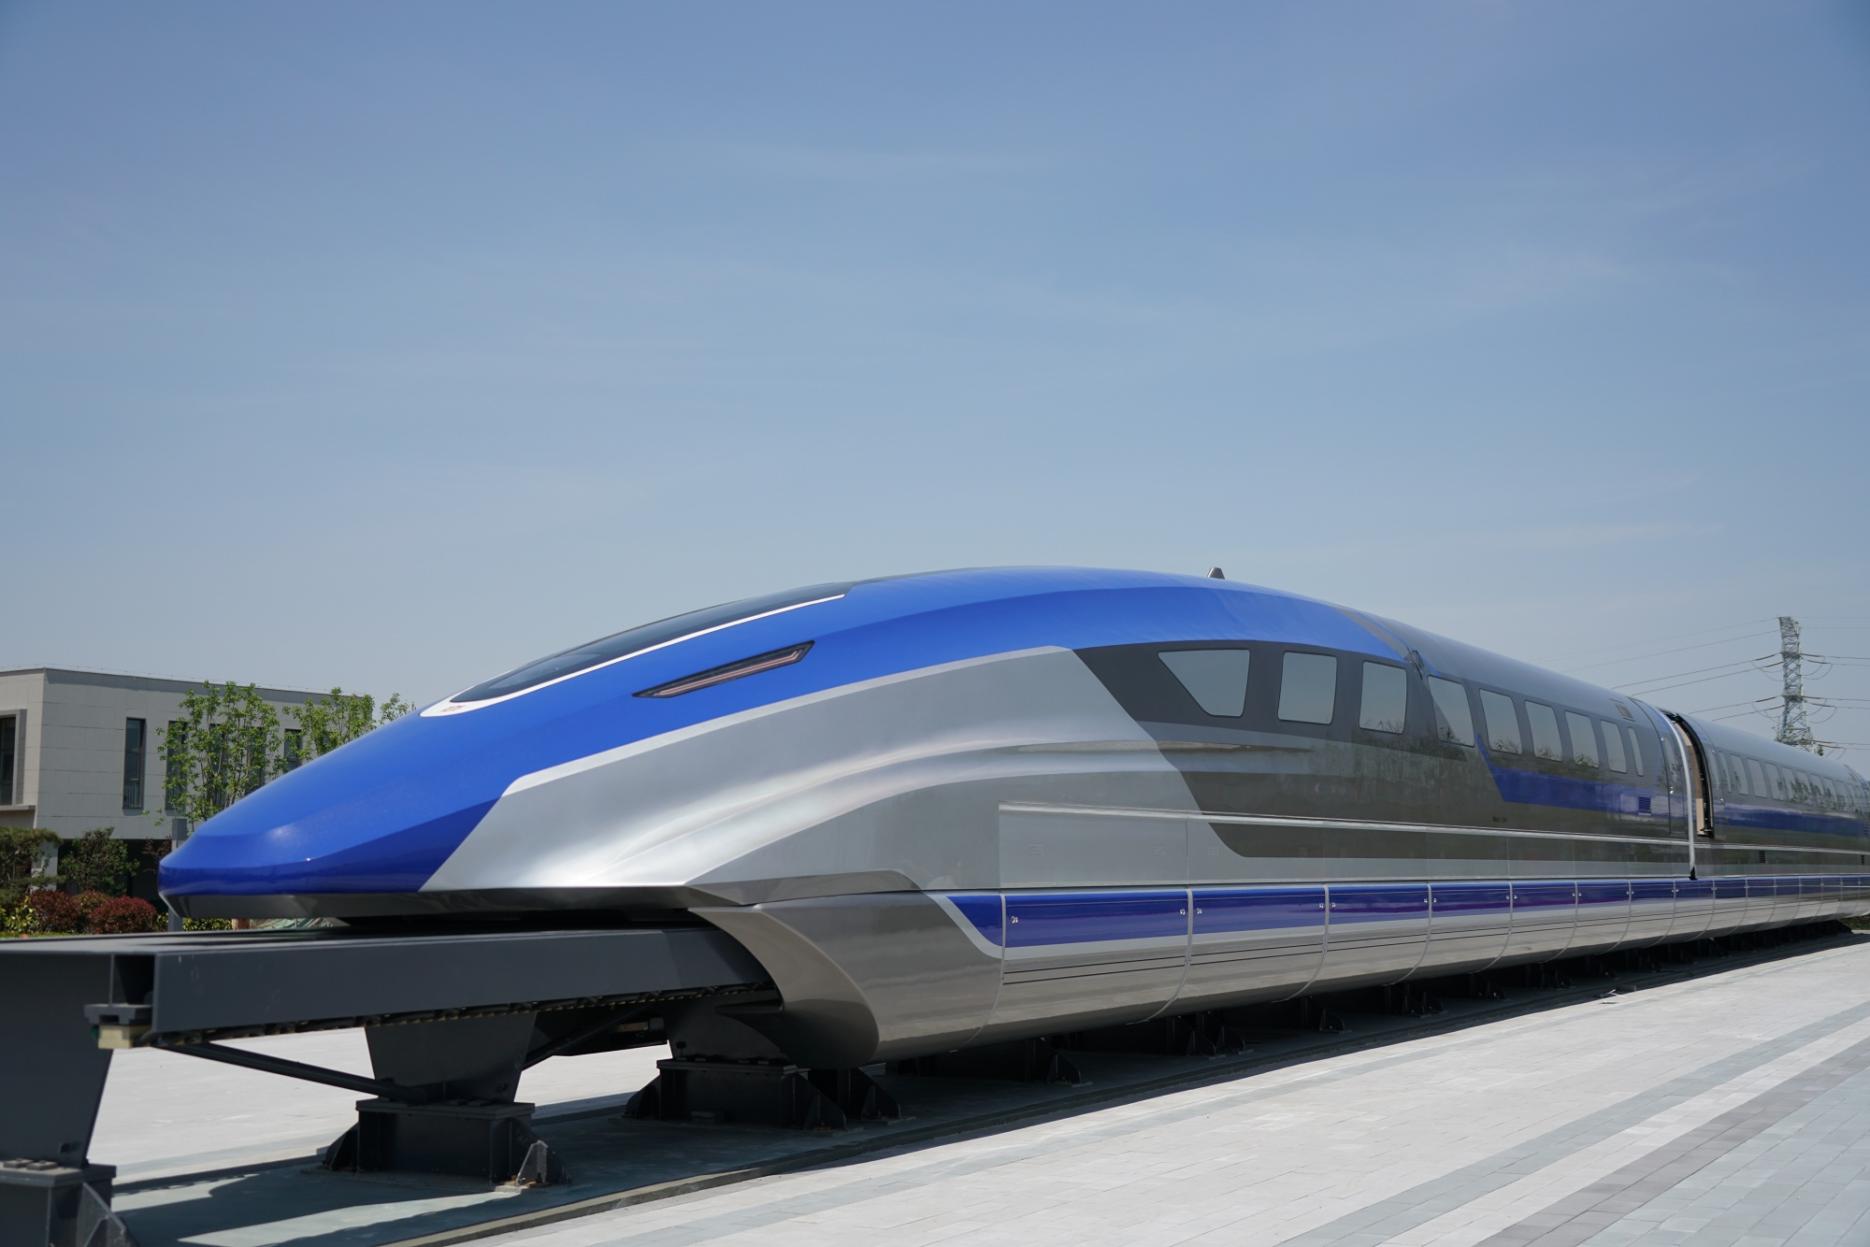 Maglev train. Credit: Xinhua